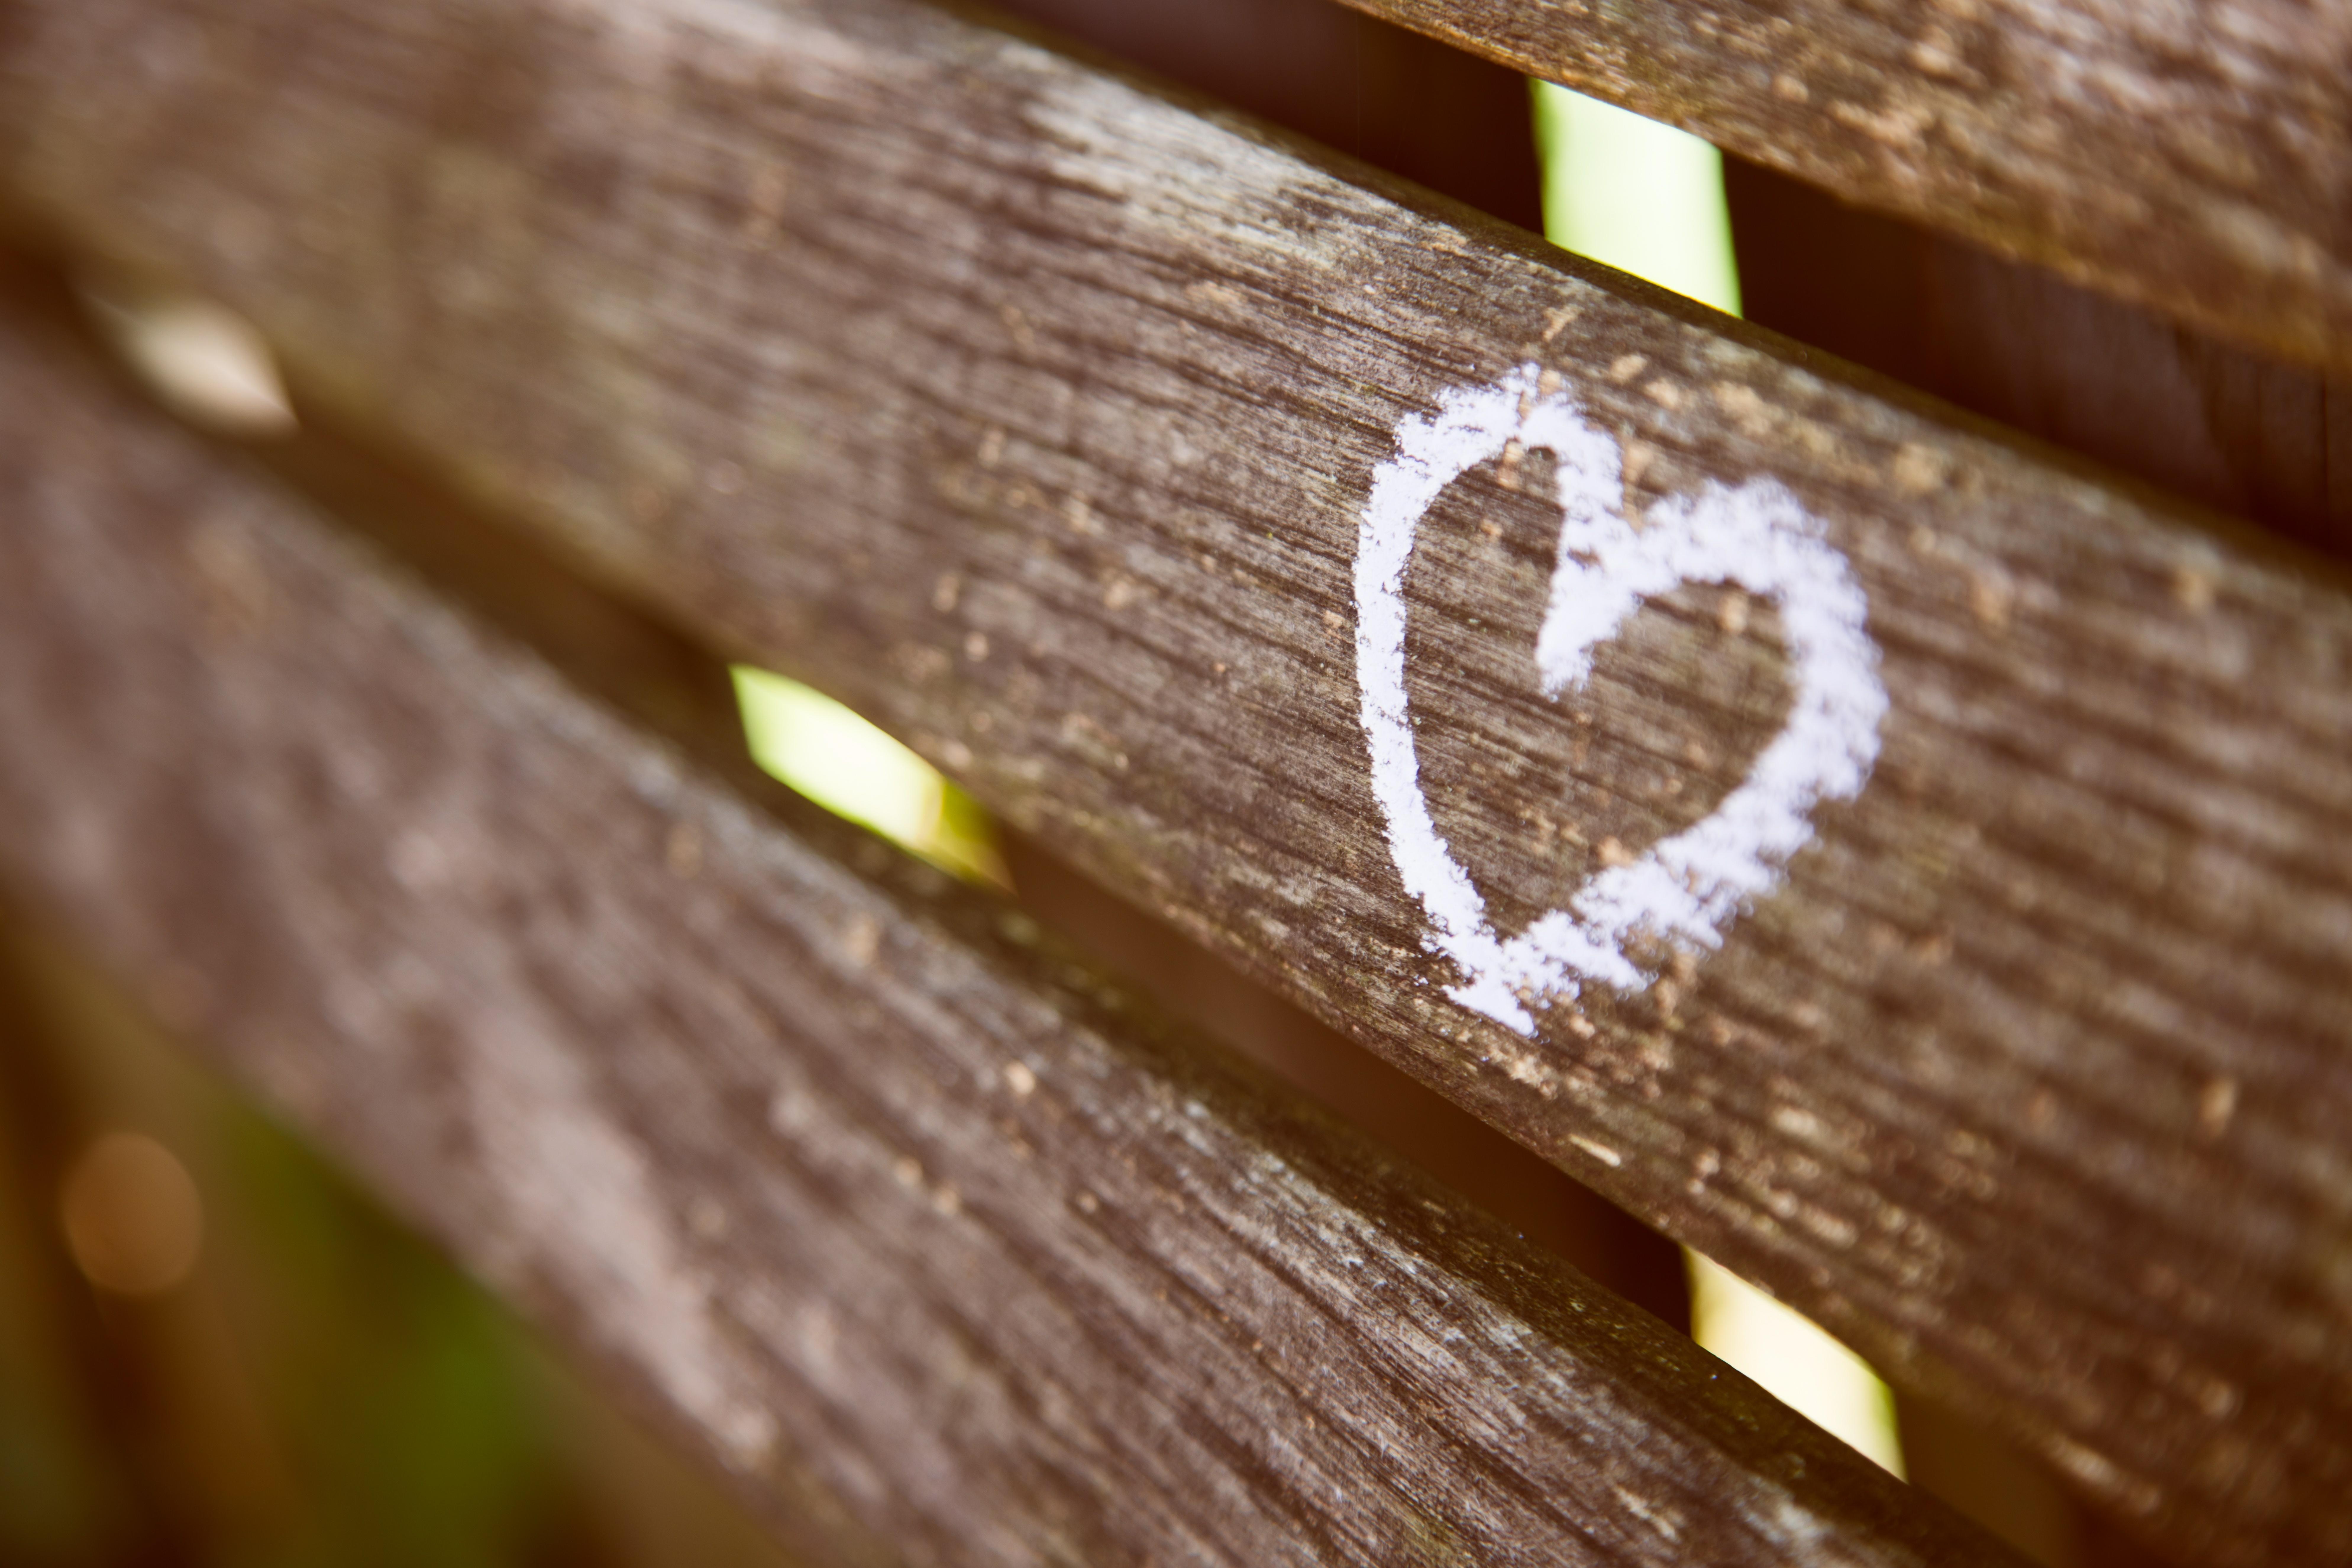 Herzinfarkt: Ein Herz ist mit weißer Kreide auf einen Holzzaun gemalt.